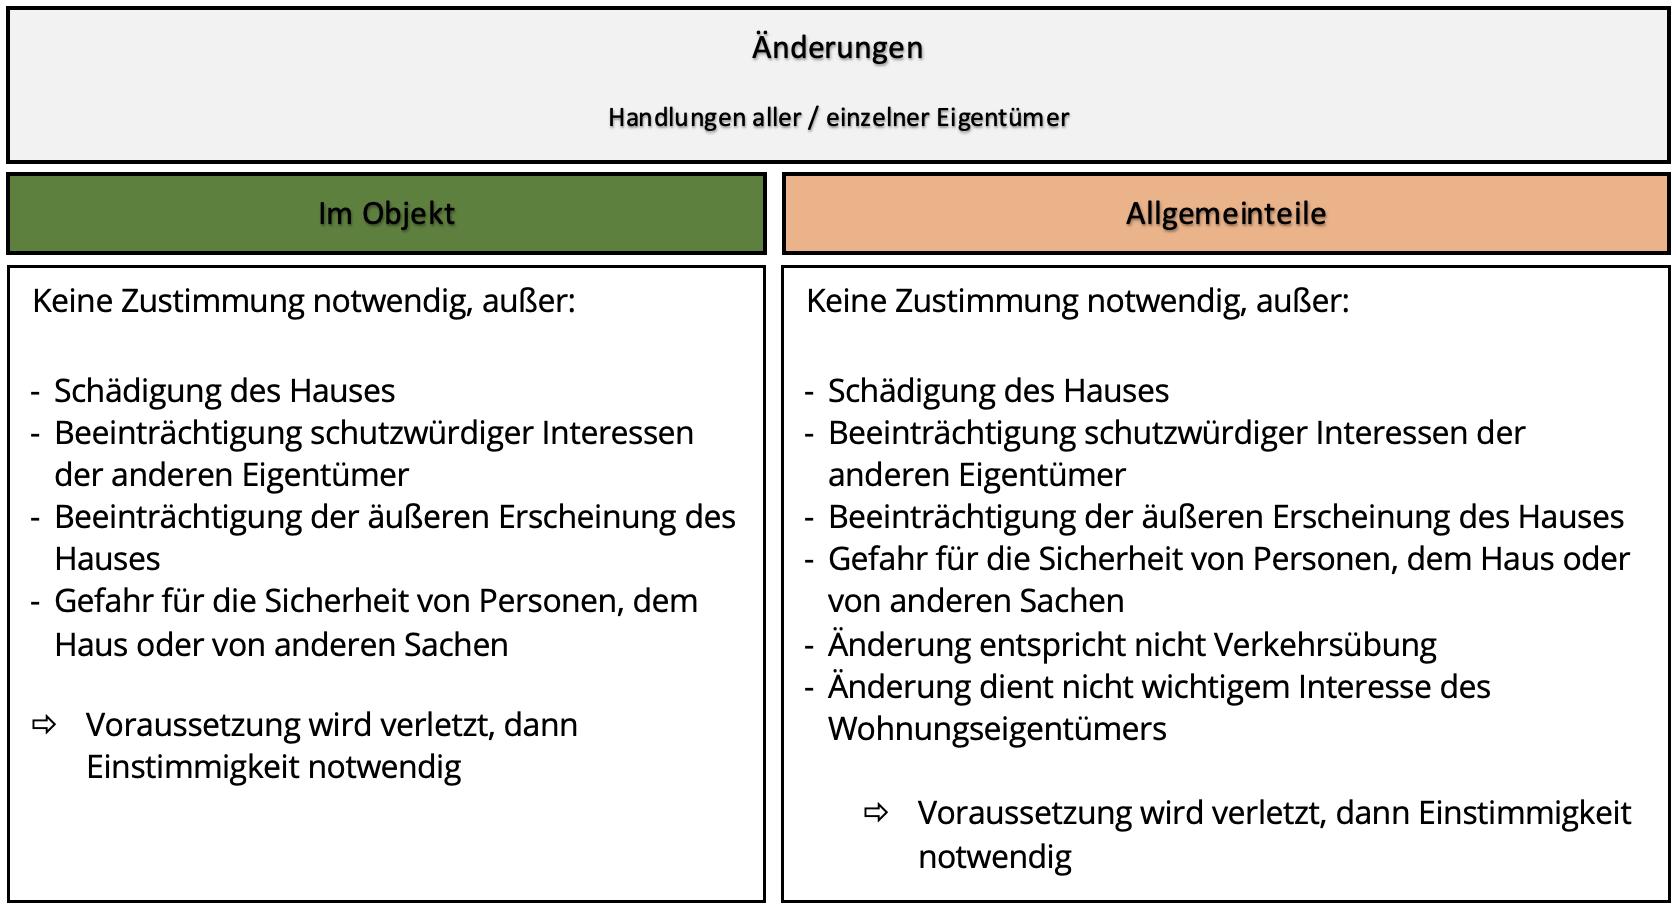 Übersichtstabelle Änderungen am Objekt vs. Allgemeinteile